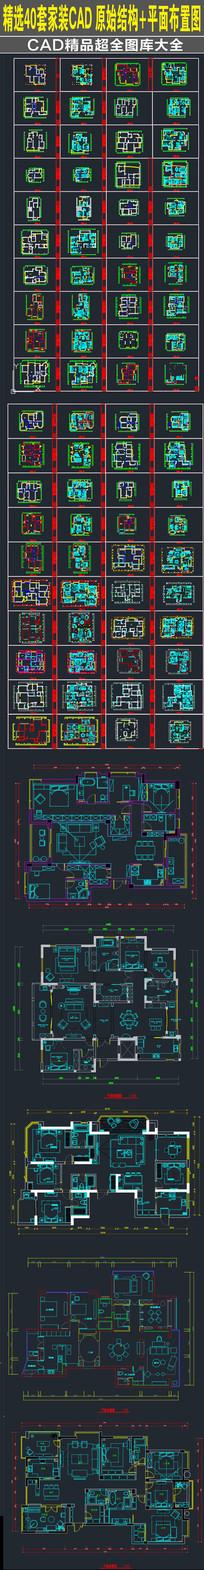 家装原始结构平面布置局